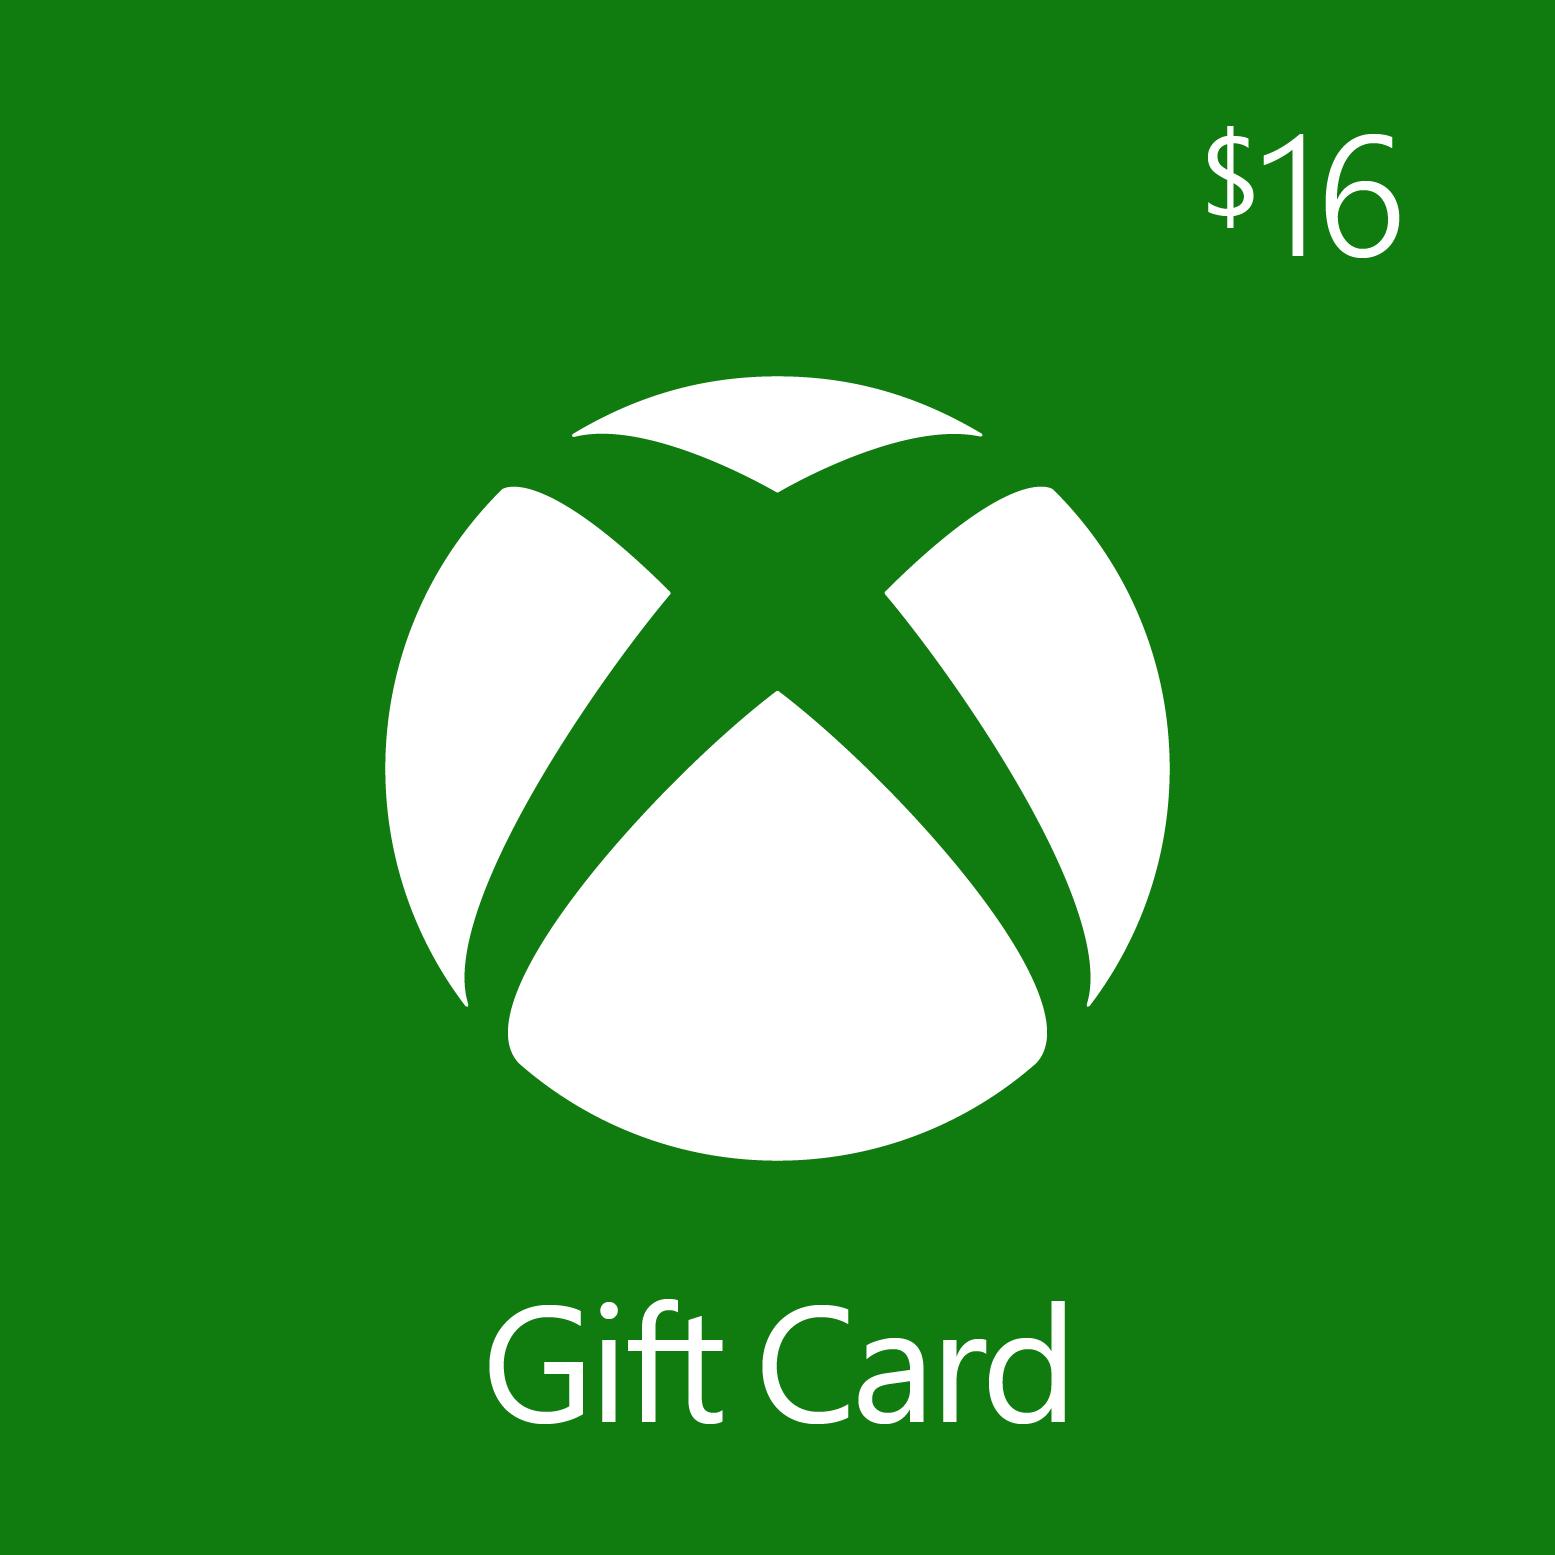 $16.00 Xbox Digital Gift Card